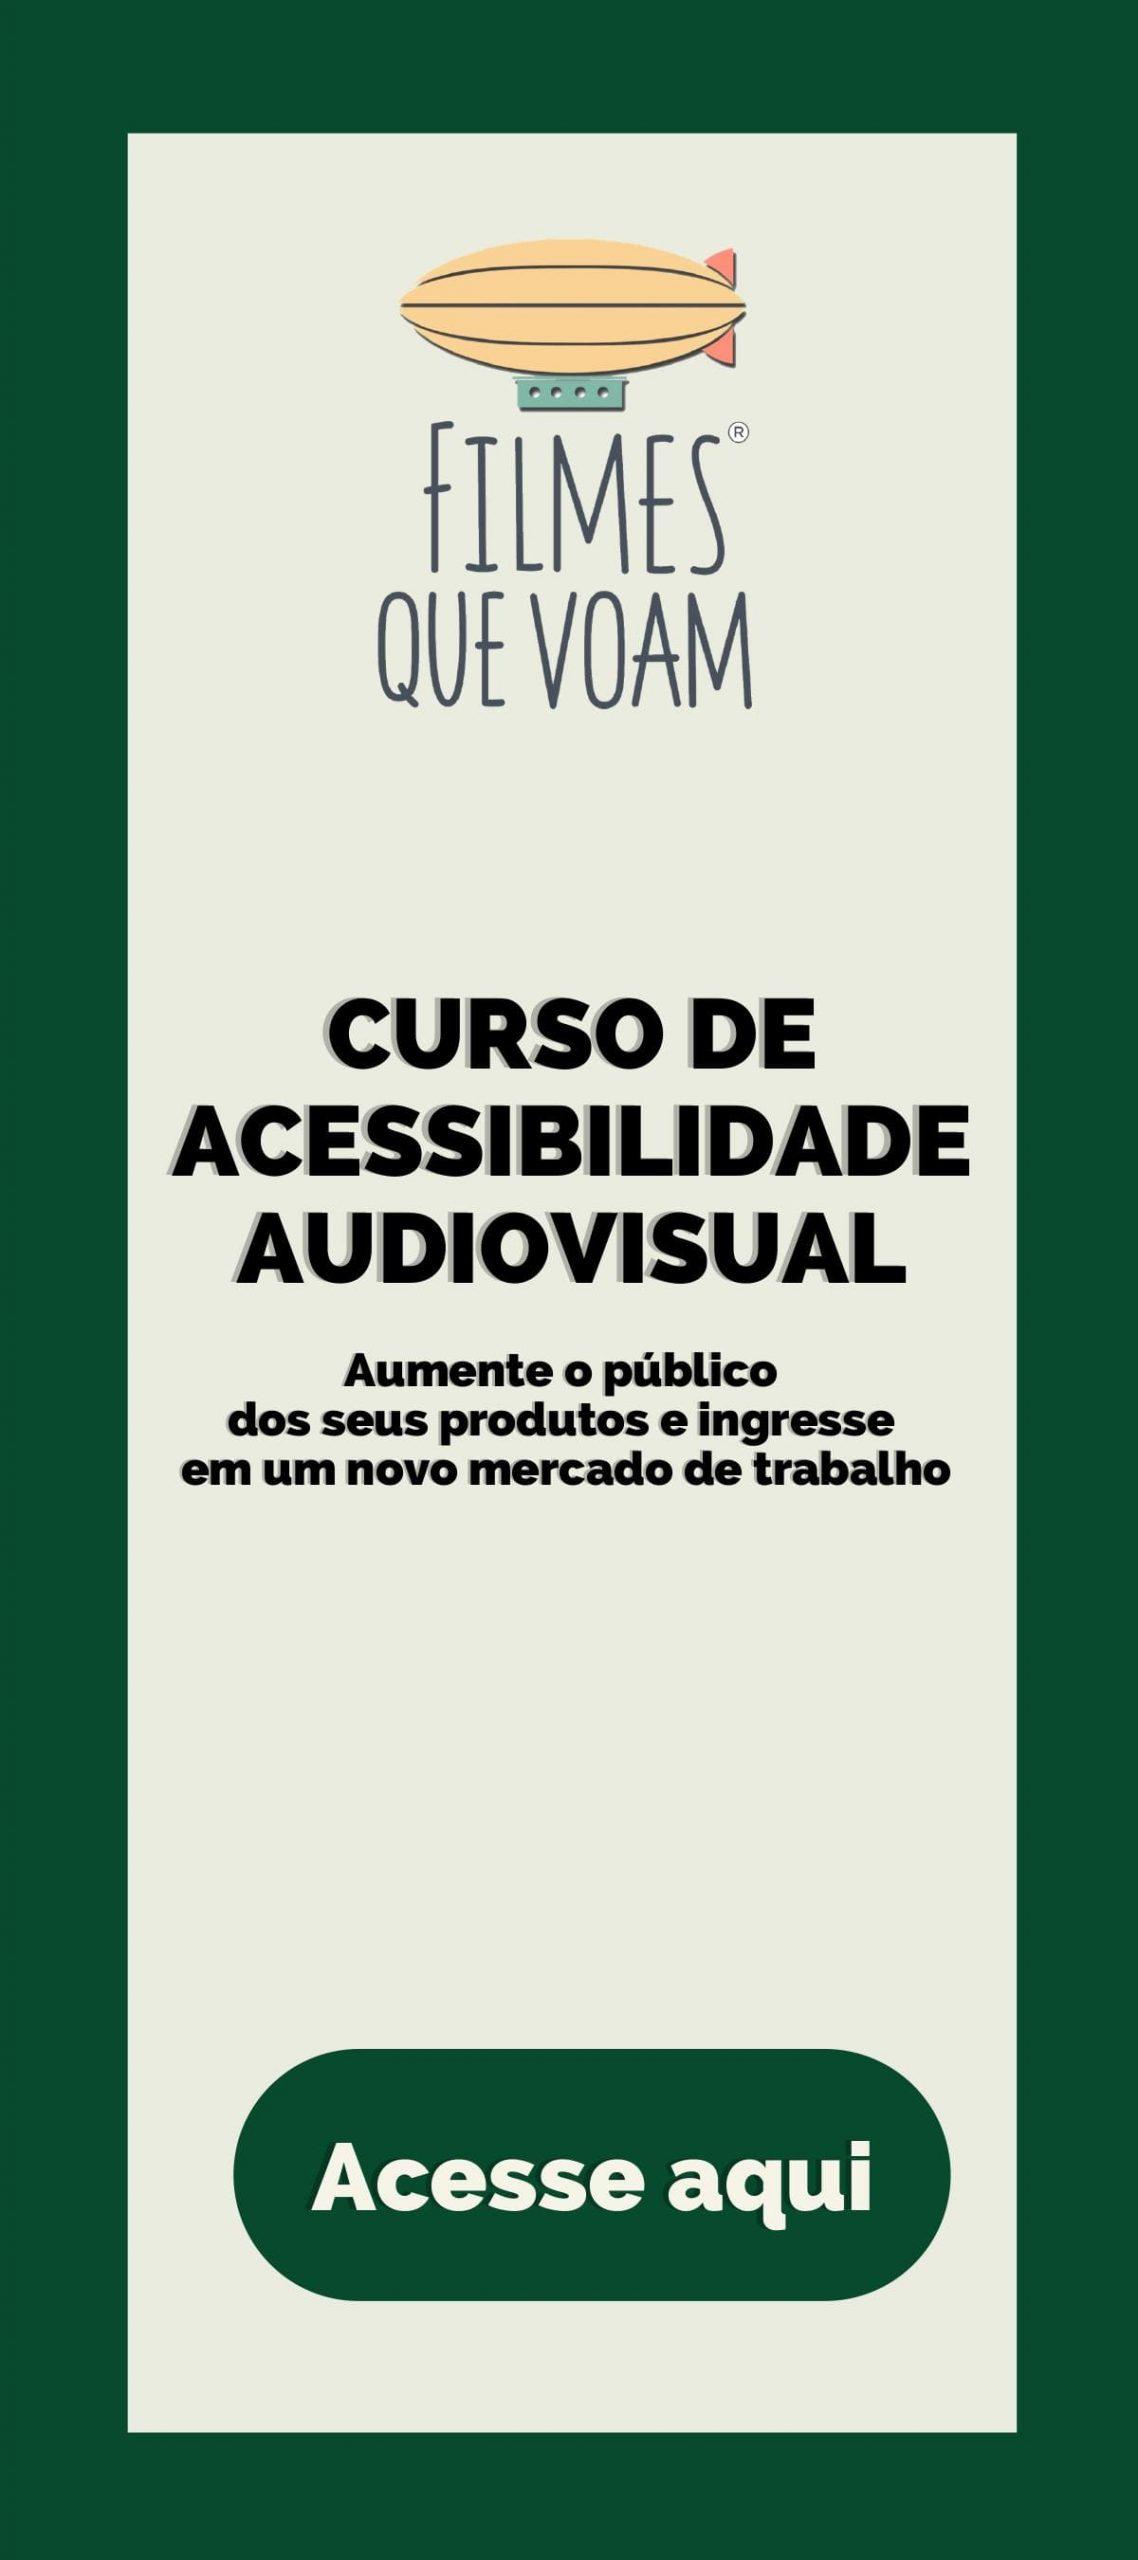 Banner do Curso de Acessibilidade Audiovisual